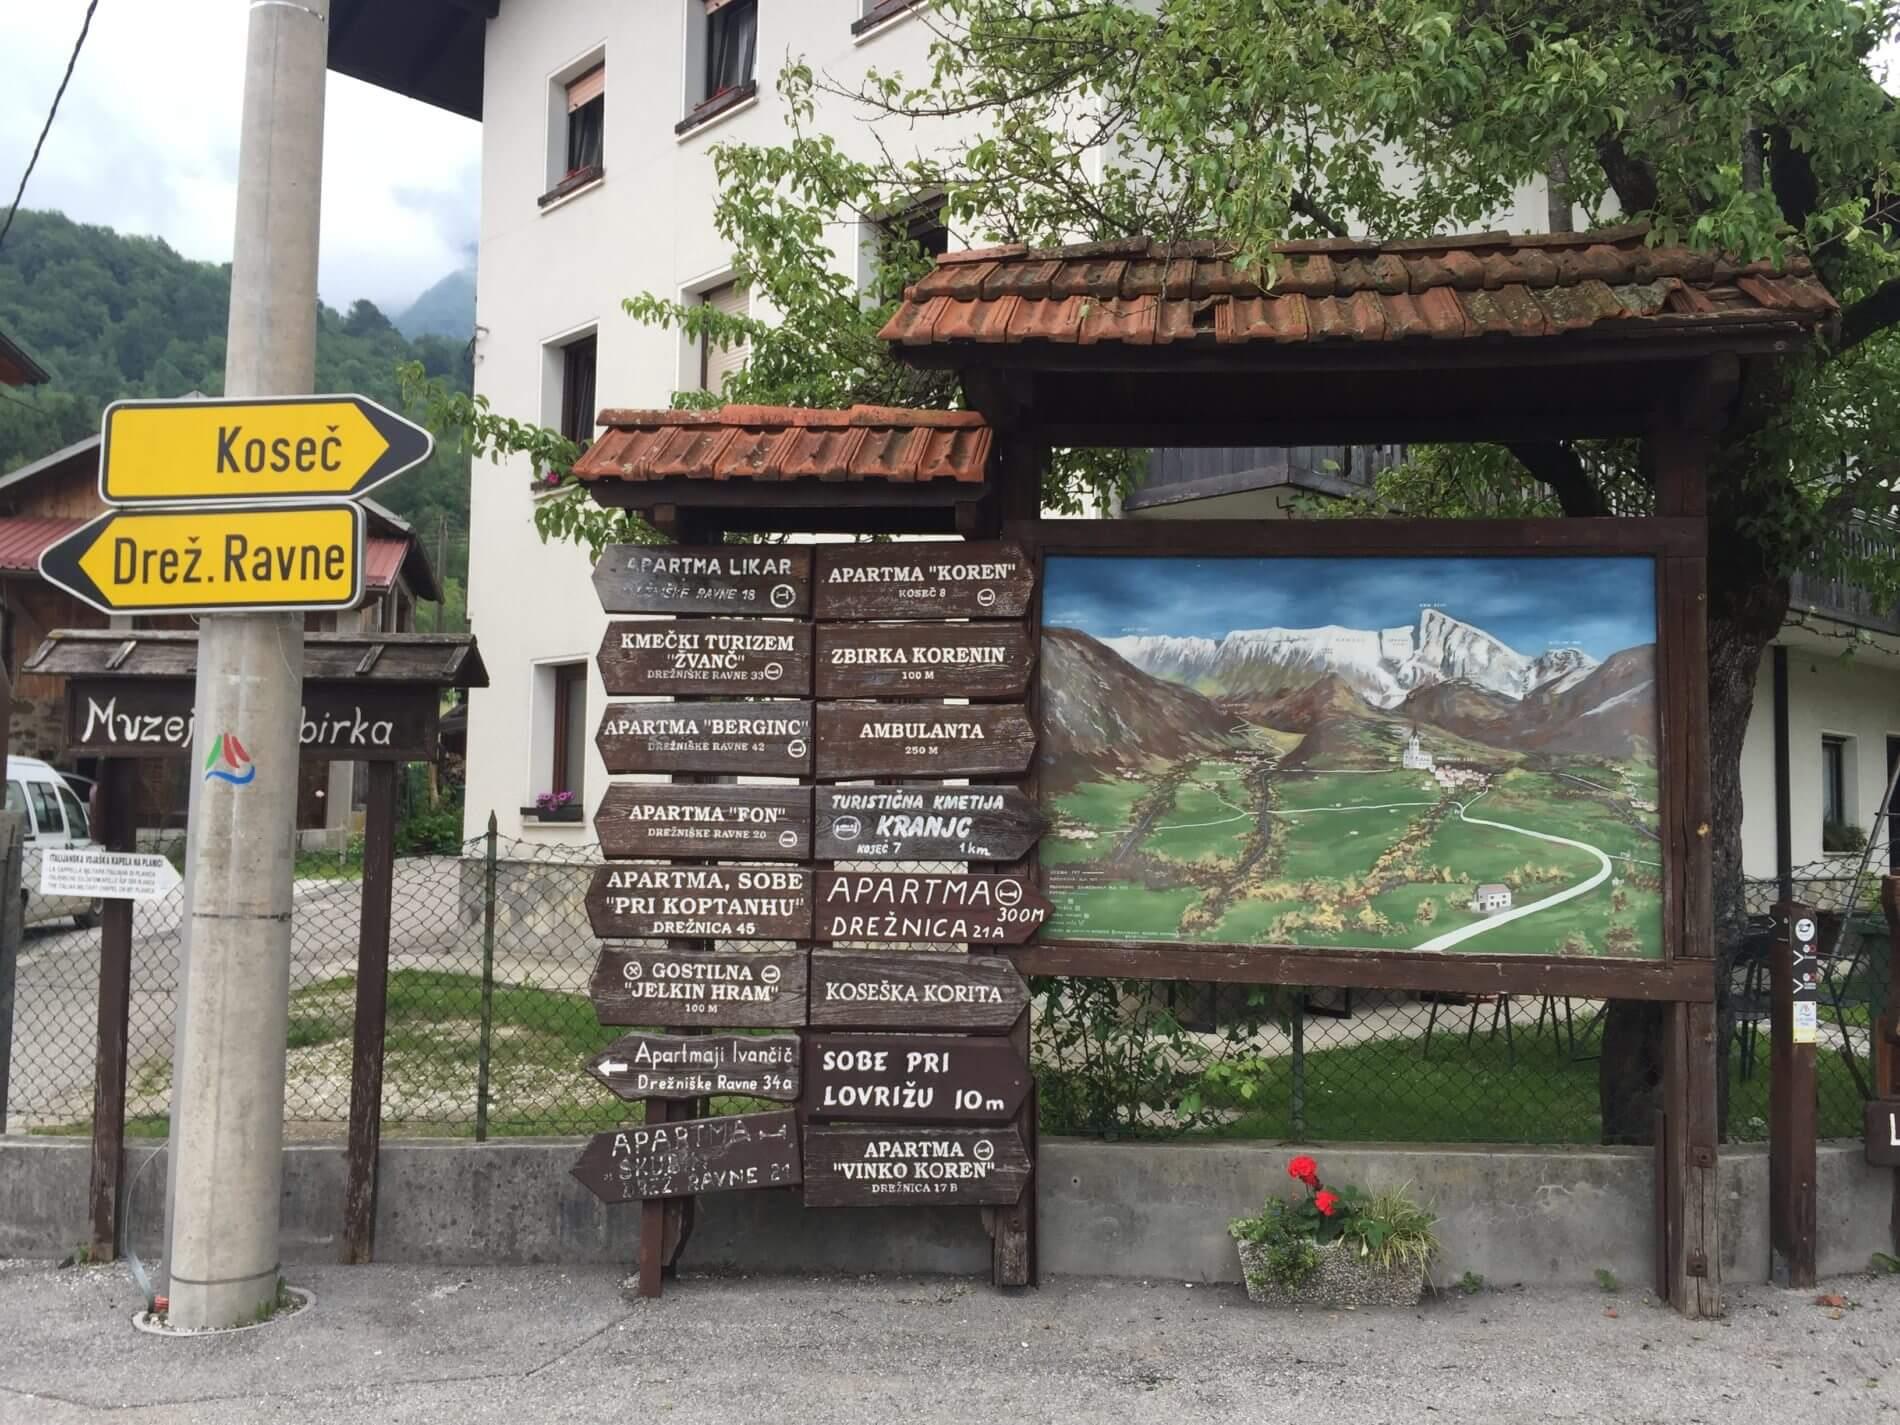 AAT_Alpe-Adria-Trail_Dreznica_Schilder_Übernachtung